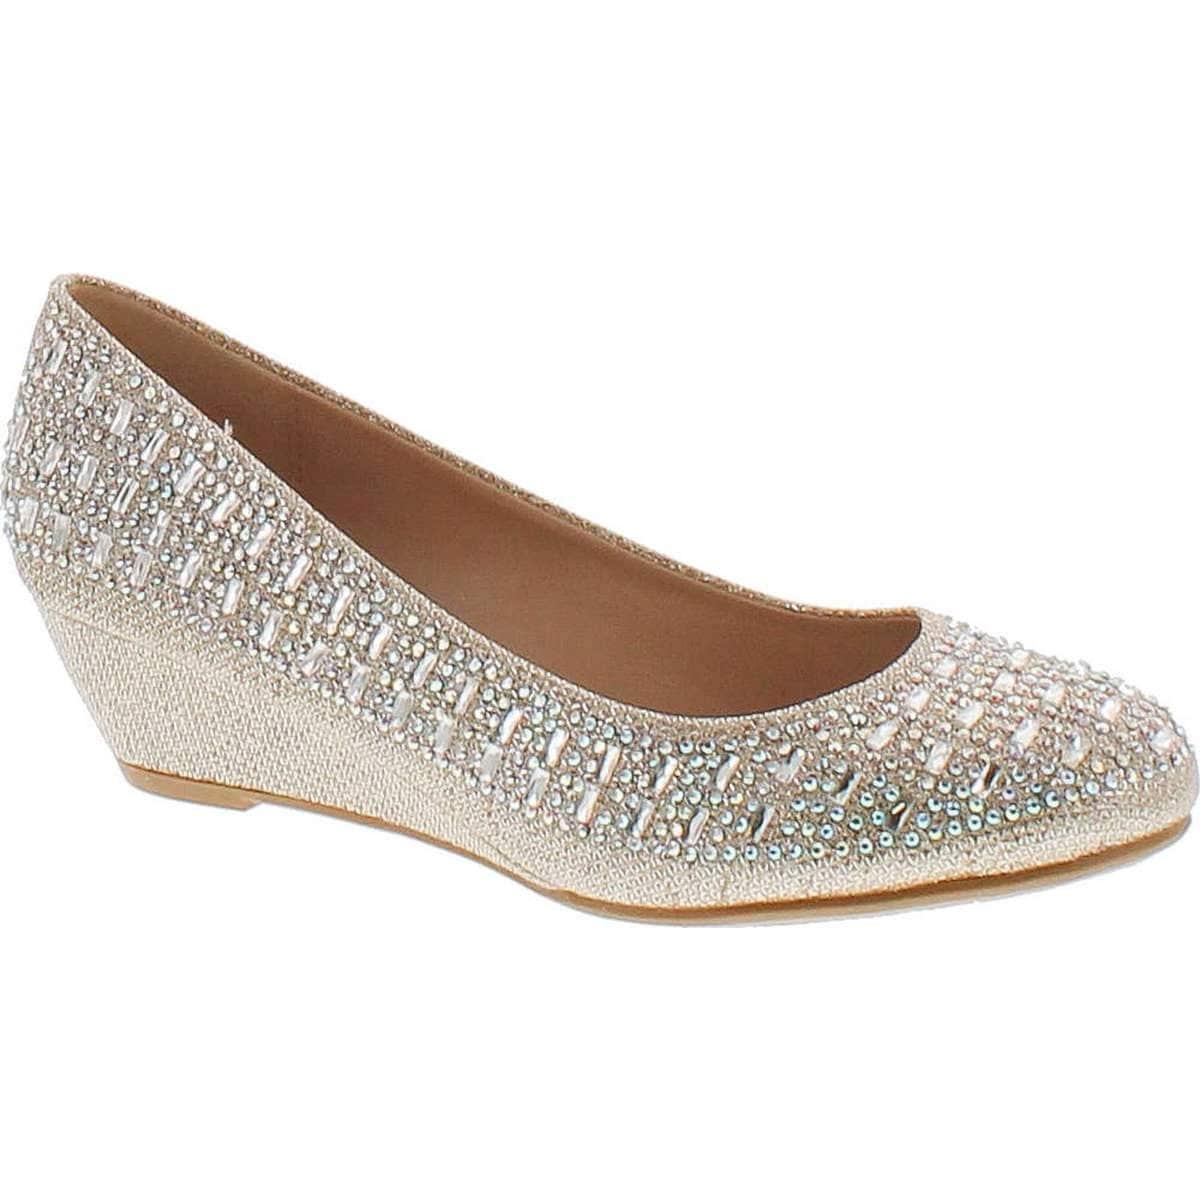 Wedge Heel Dress Shoes